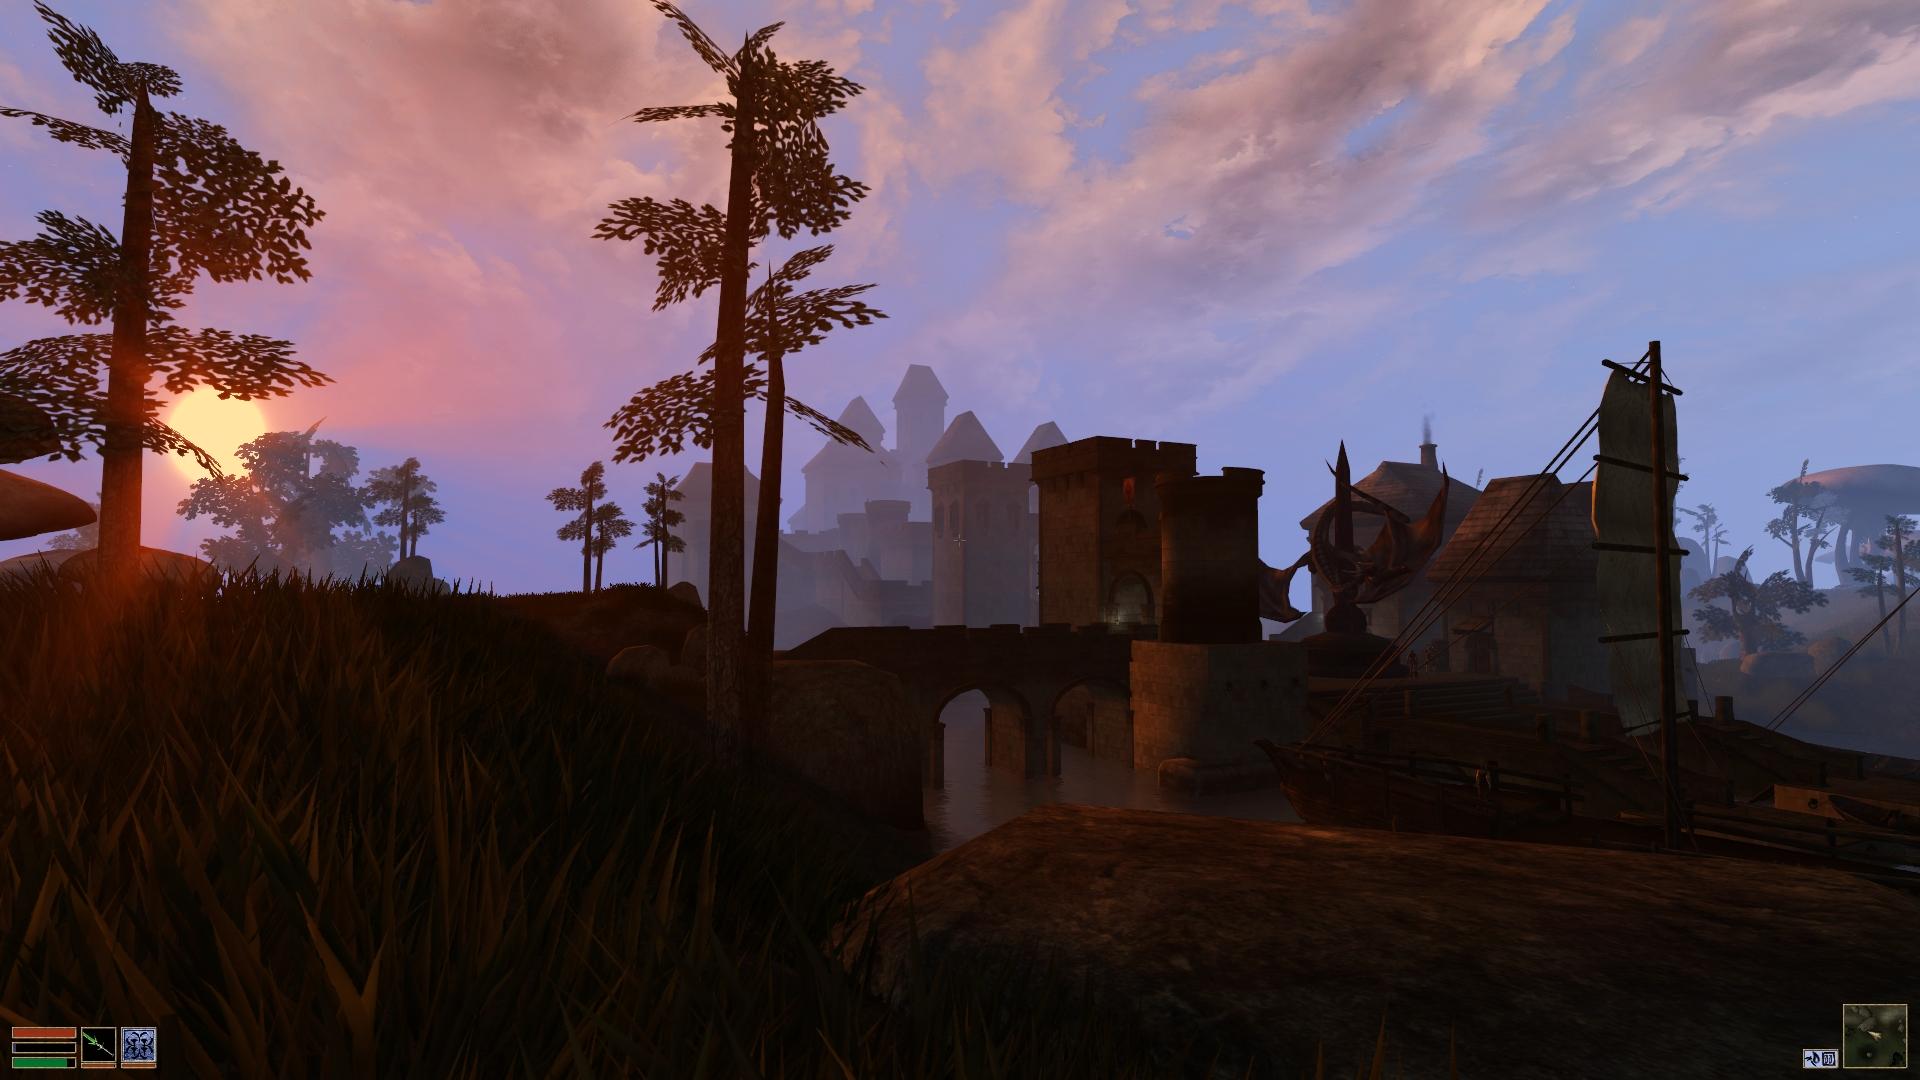 Morrowind_2019_10_12_12_26_49_193.jpg